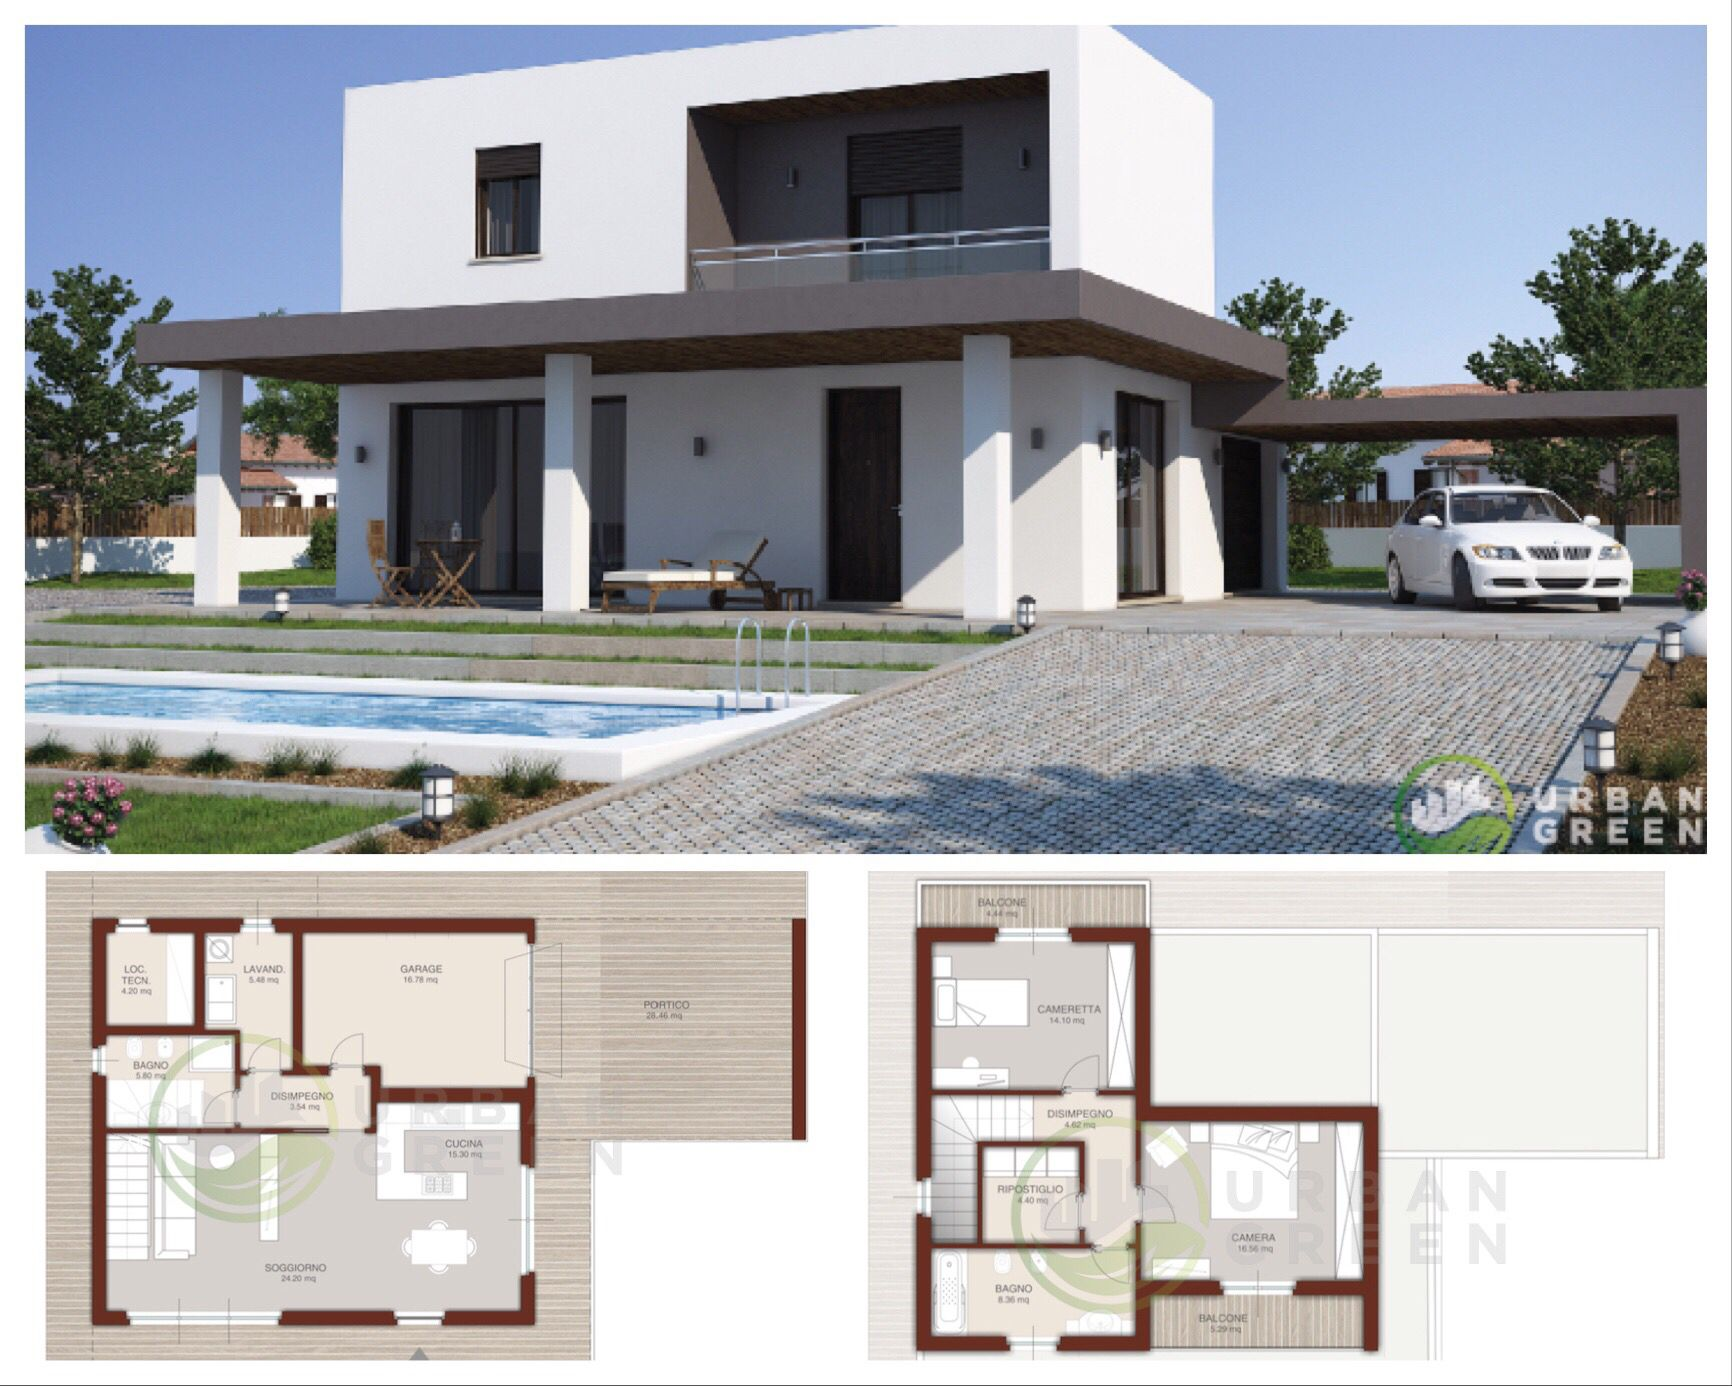 Casa In Legno Modello Urb06 Progetto Abitazione Antisismica In